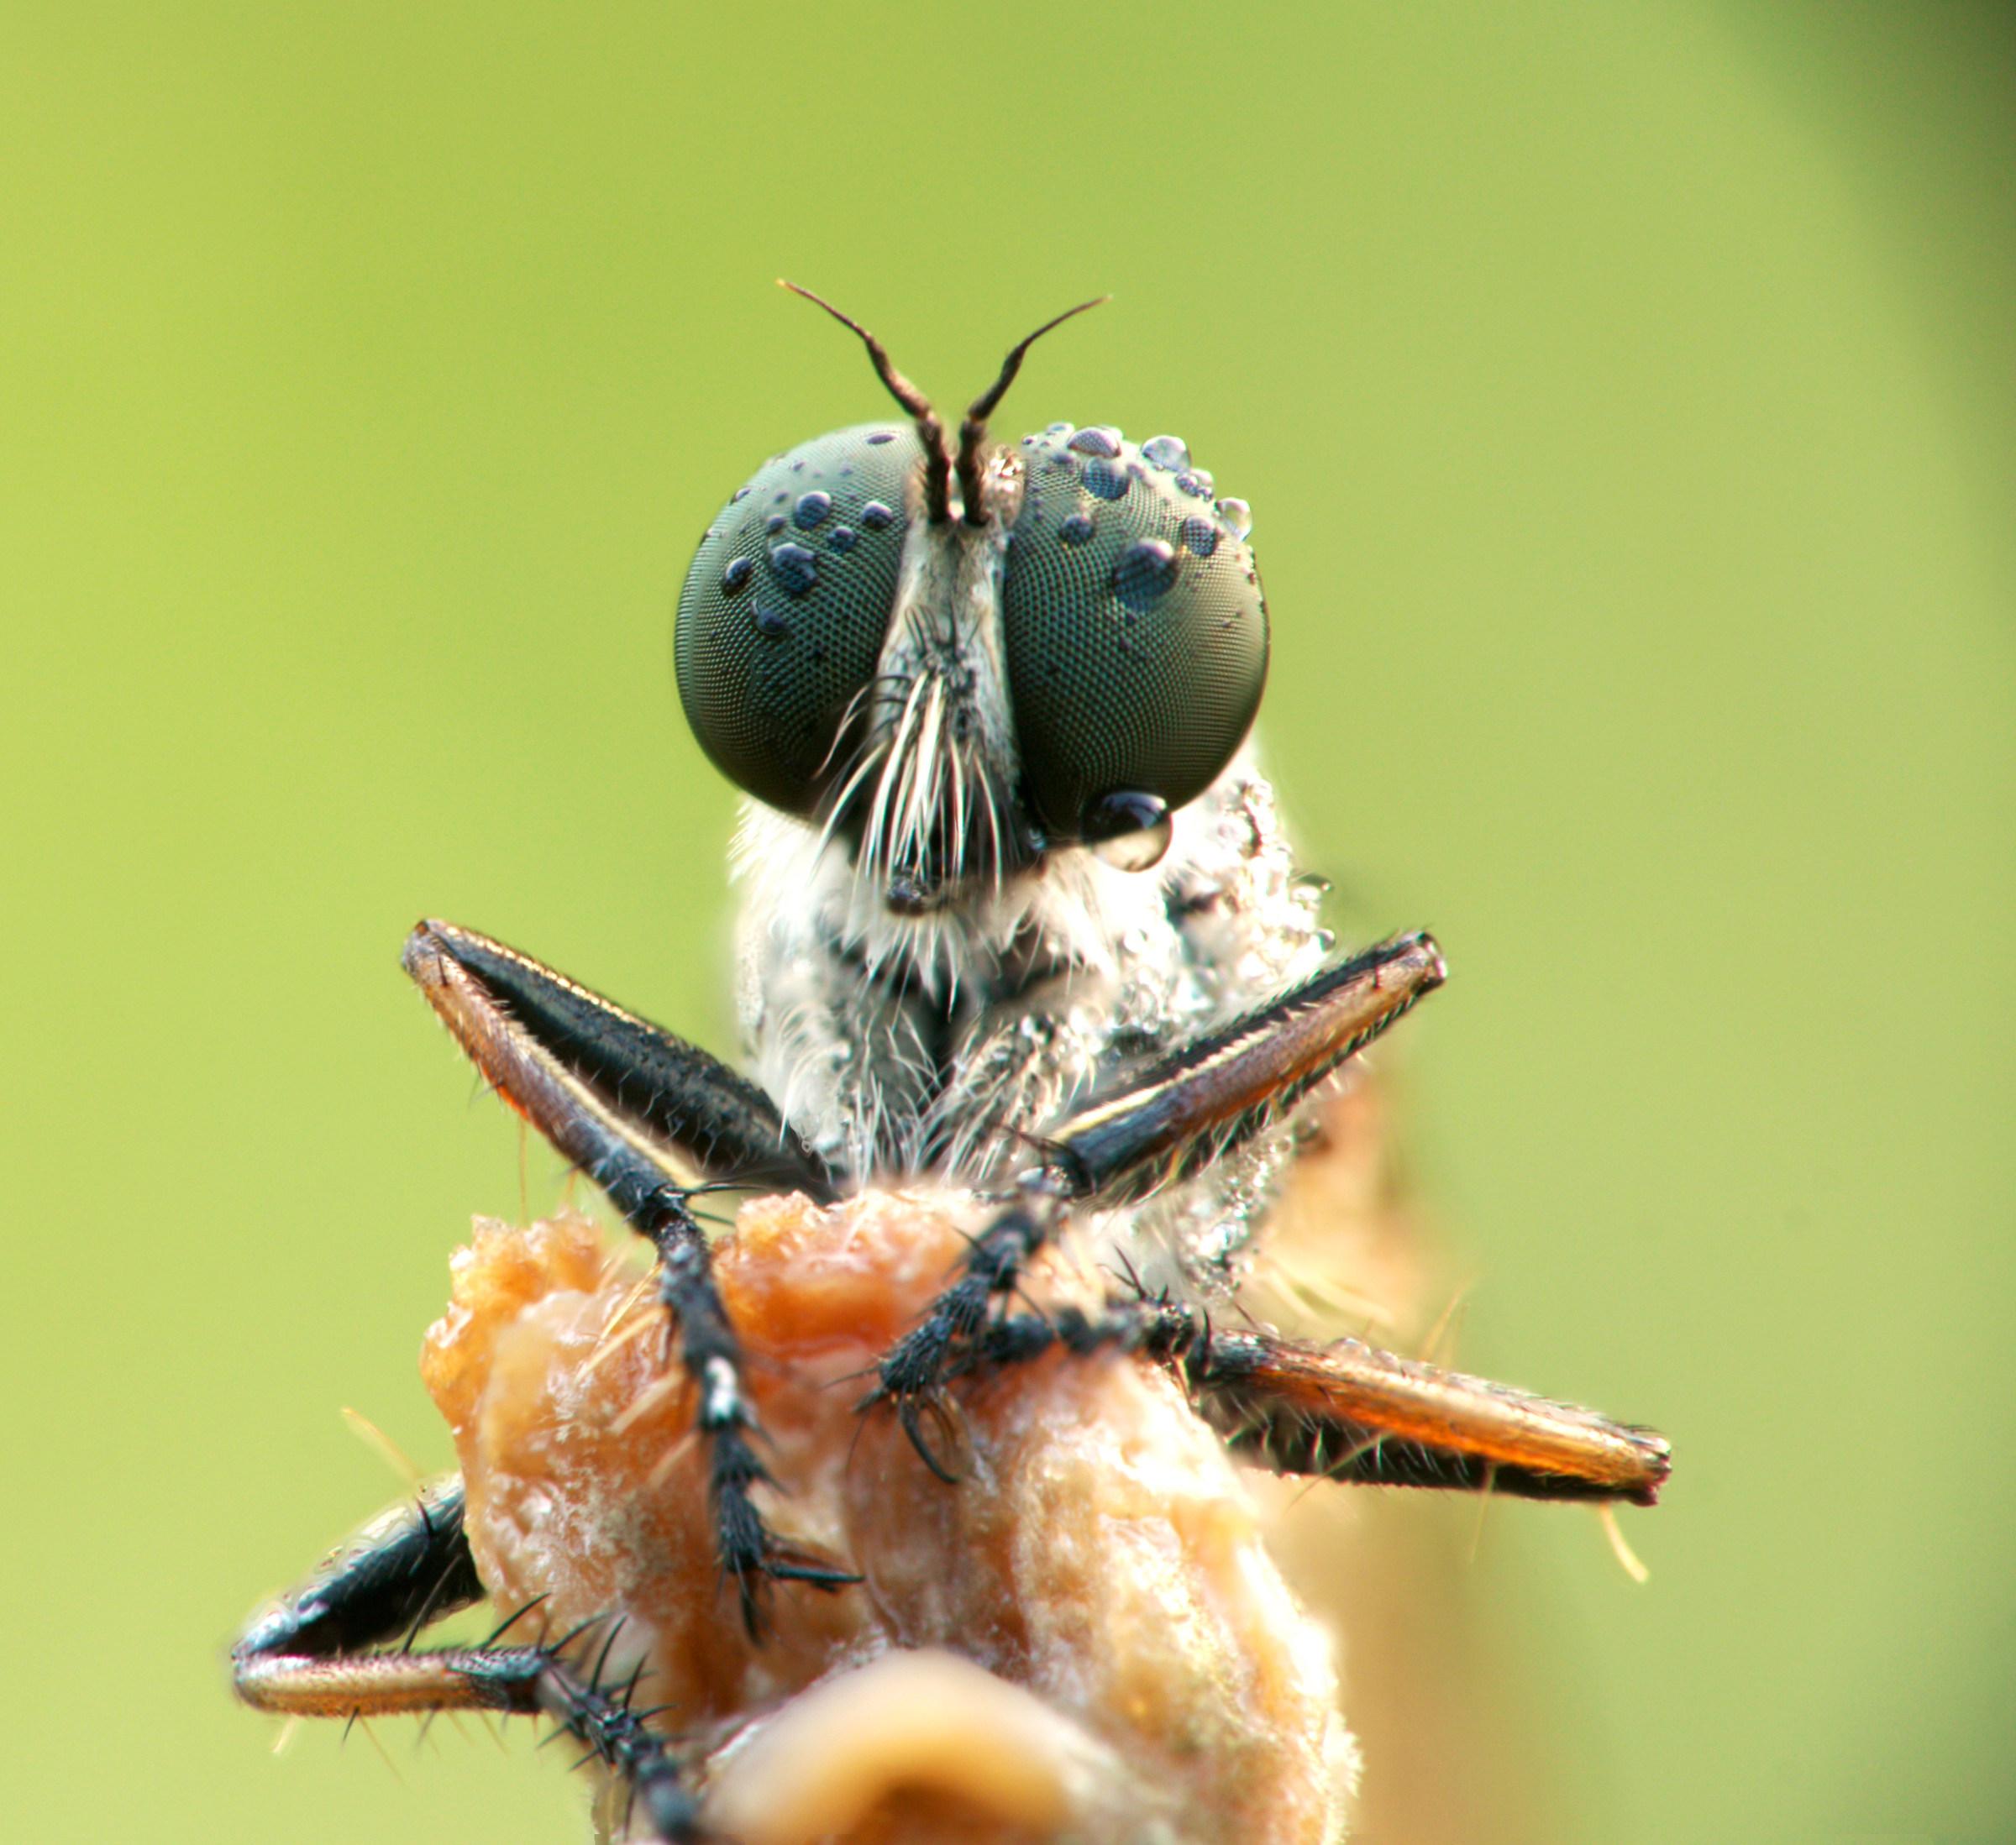 Hymenoptera (I think)...